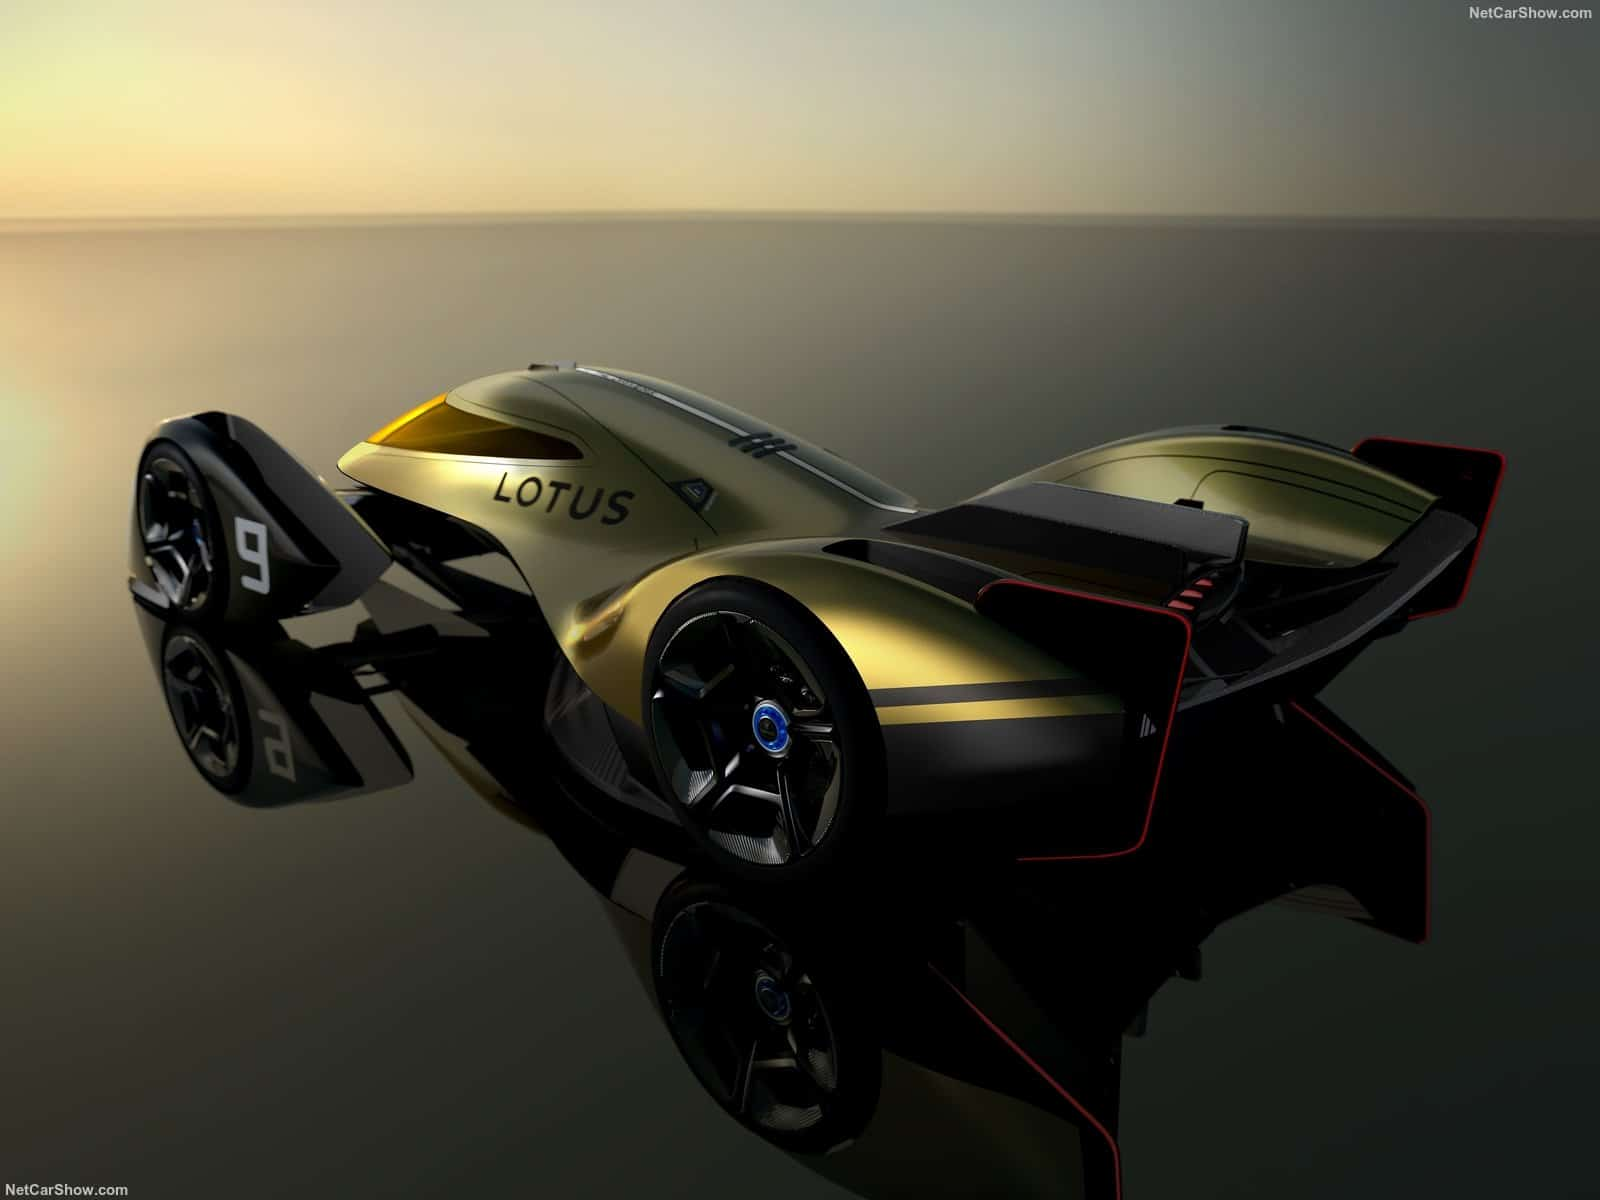 Il prototipo di auto da corsa completamente elettrico per le gare di resistenza secondo la Lotus